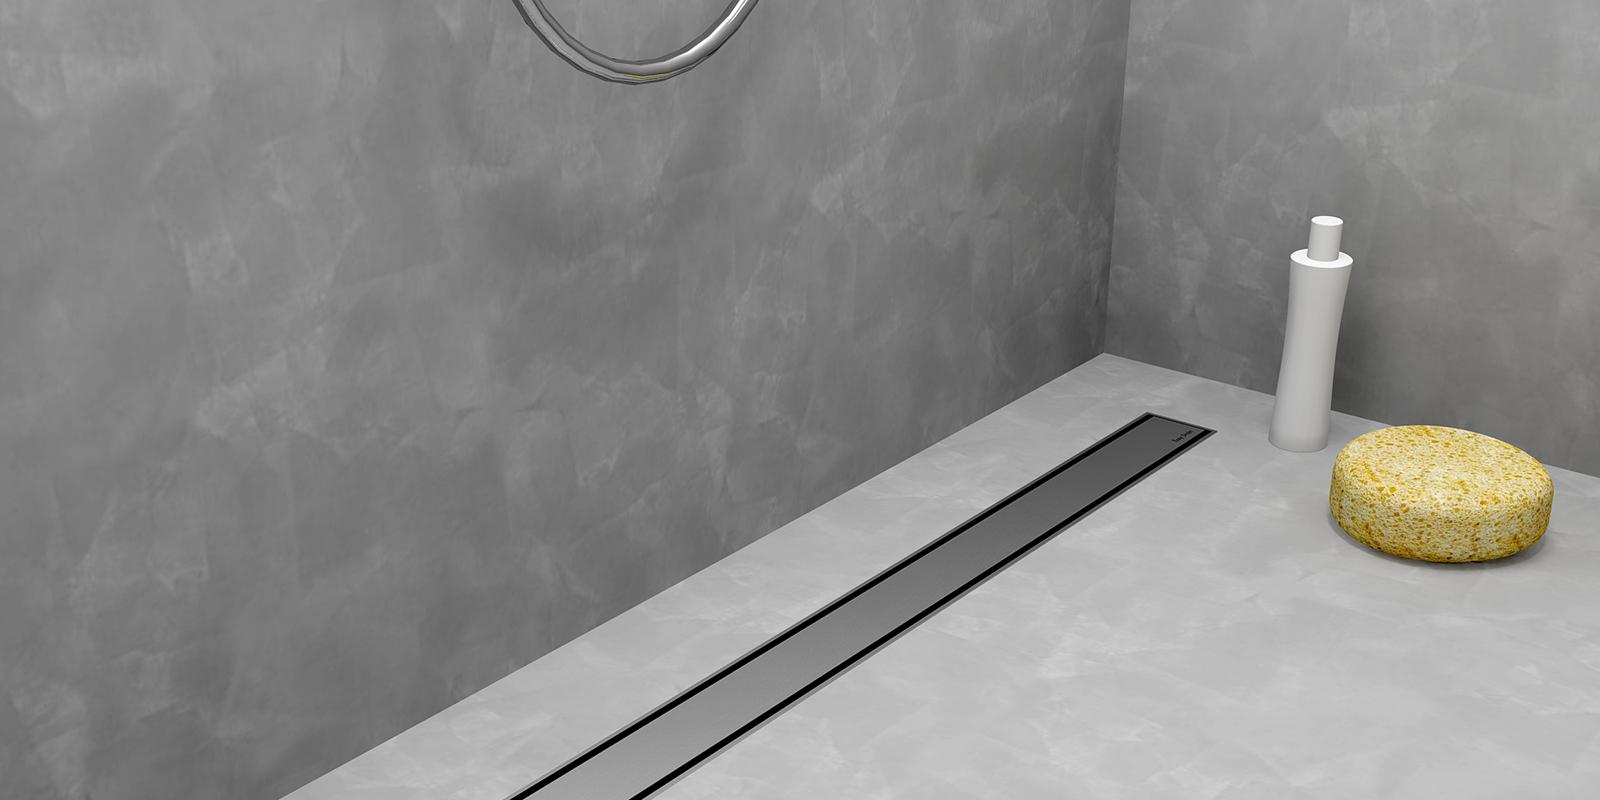 Gietvloer, badkamer, RM Sanitair, Easy Drain